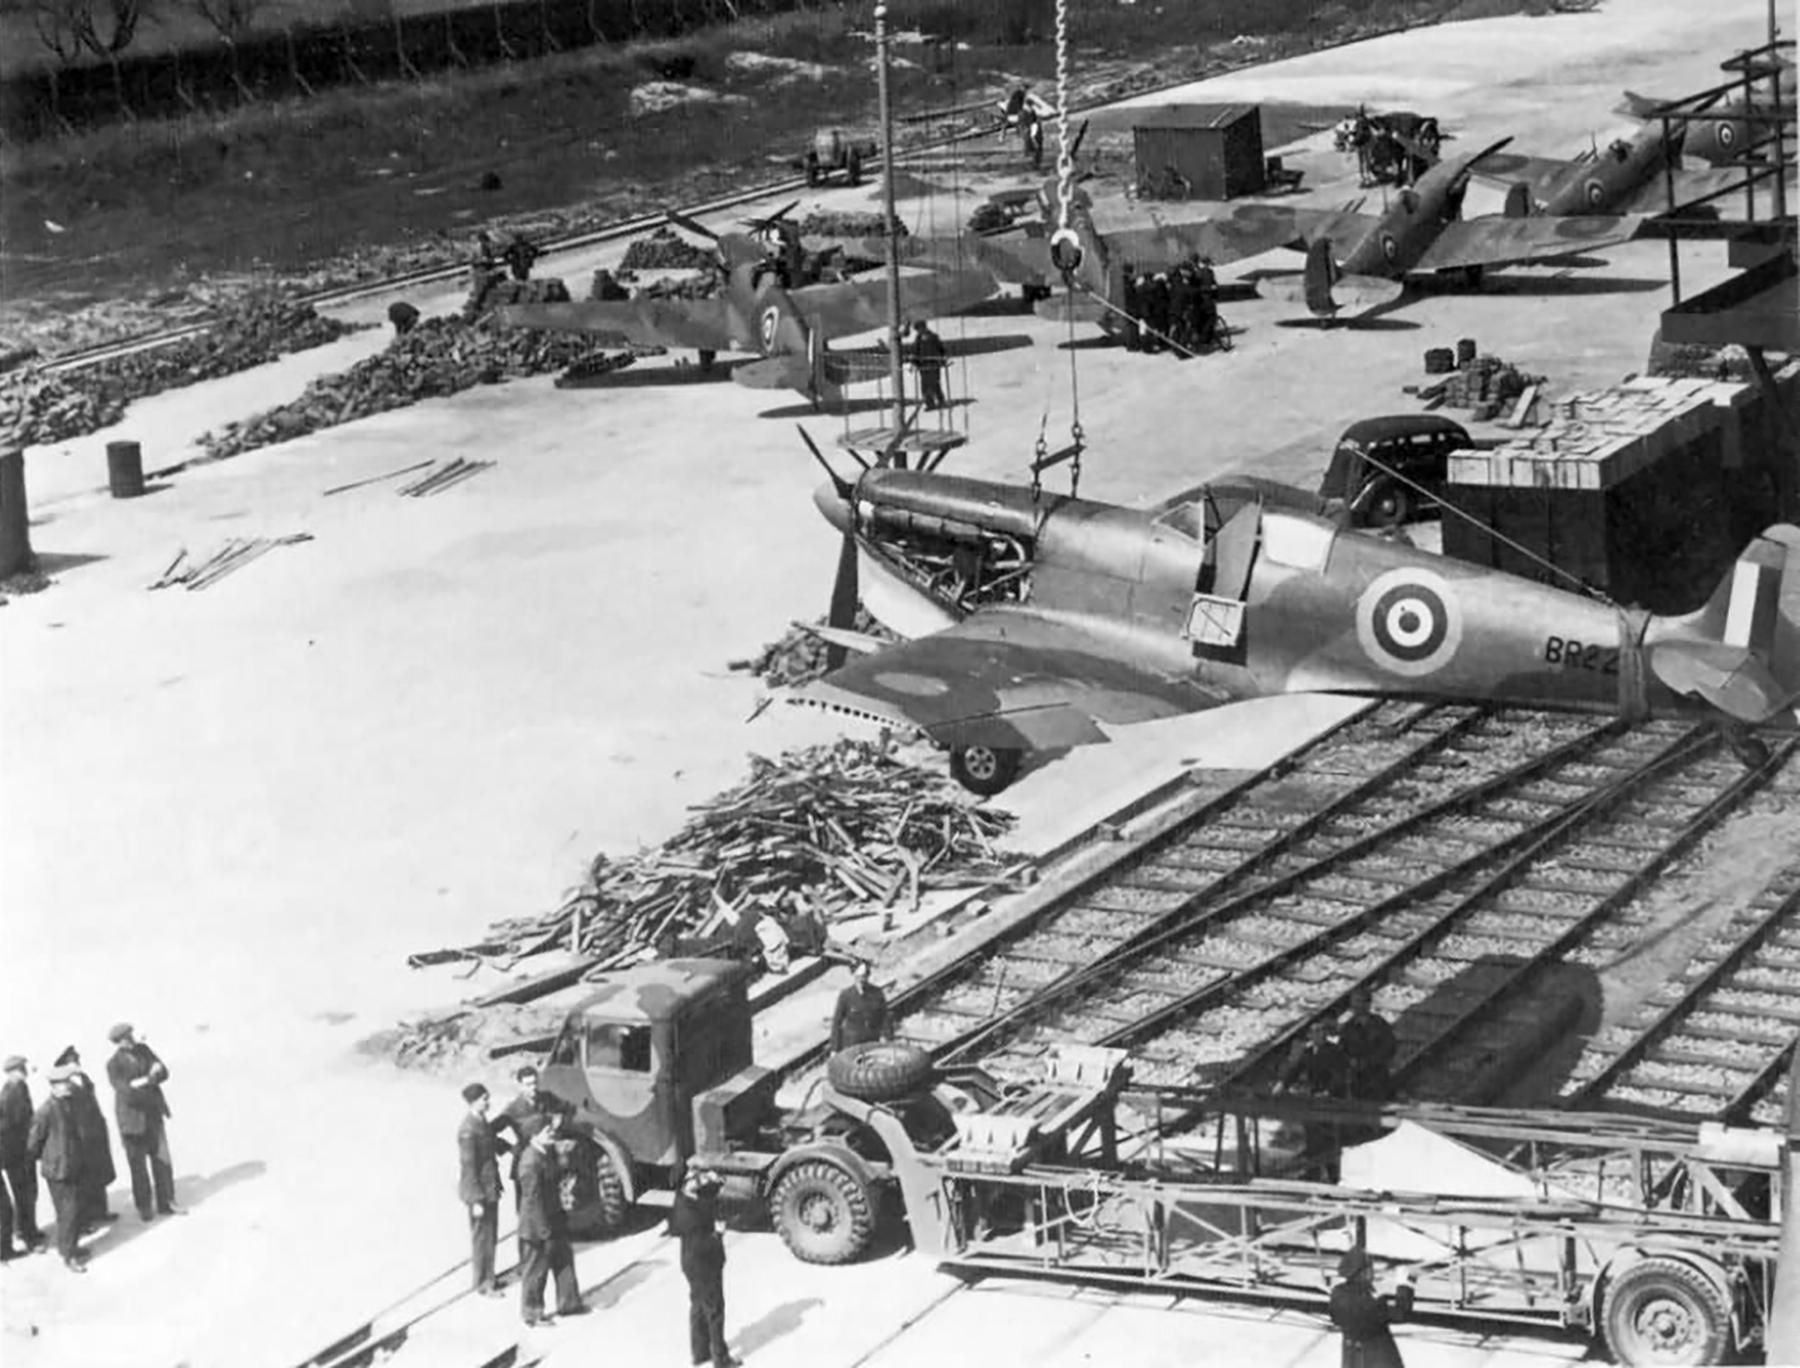 Spitfire-MkVcTrop-RAF-BR22x-could-be-BR2